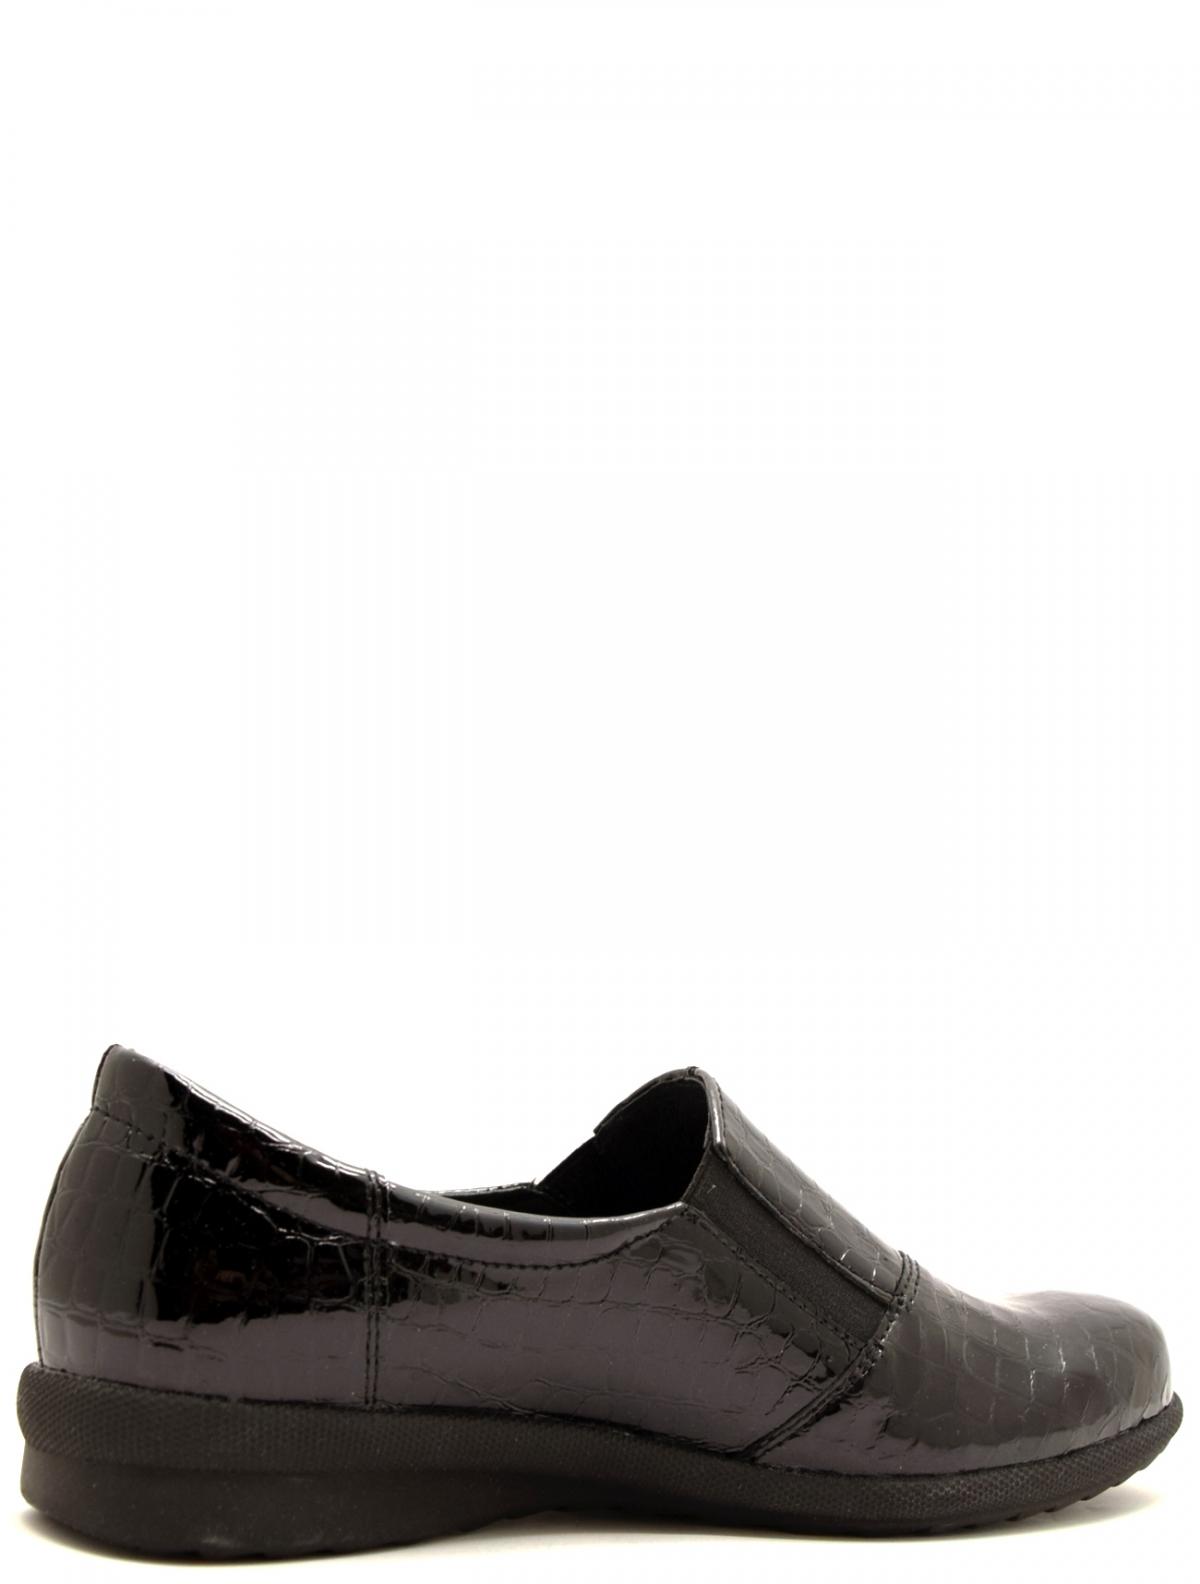 Marko 131252 женские туфли